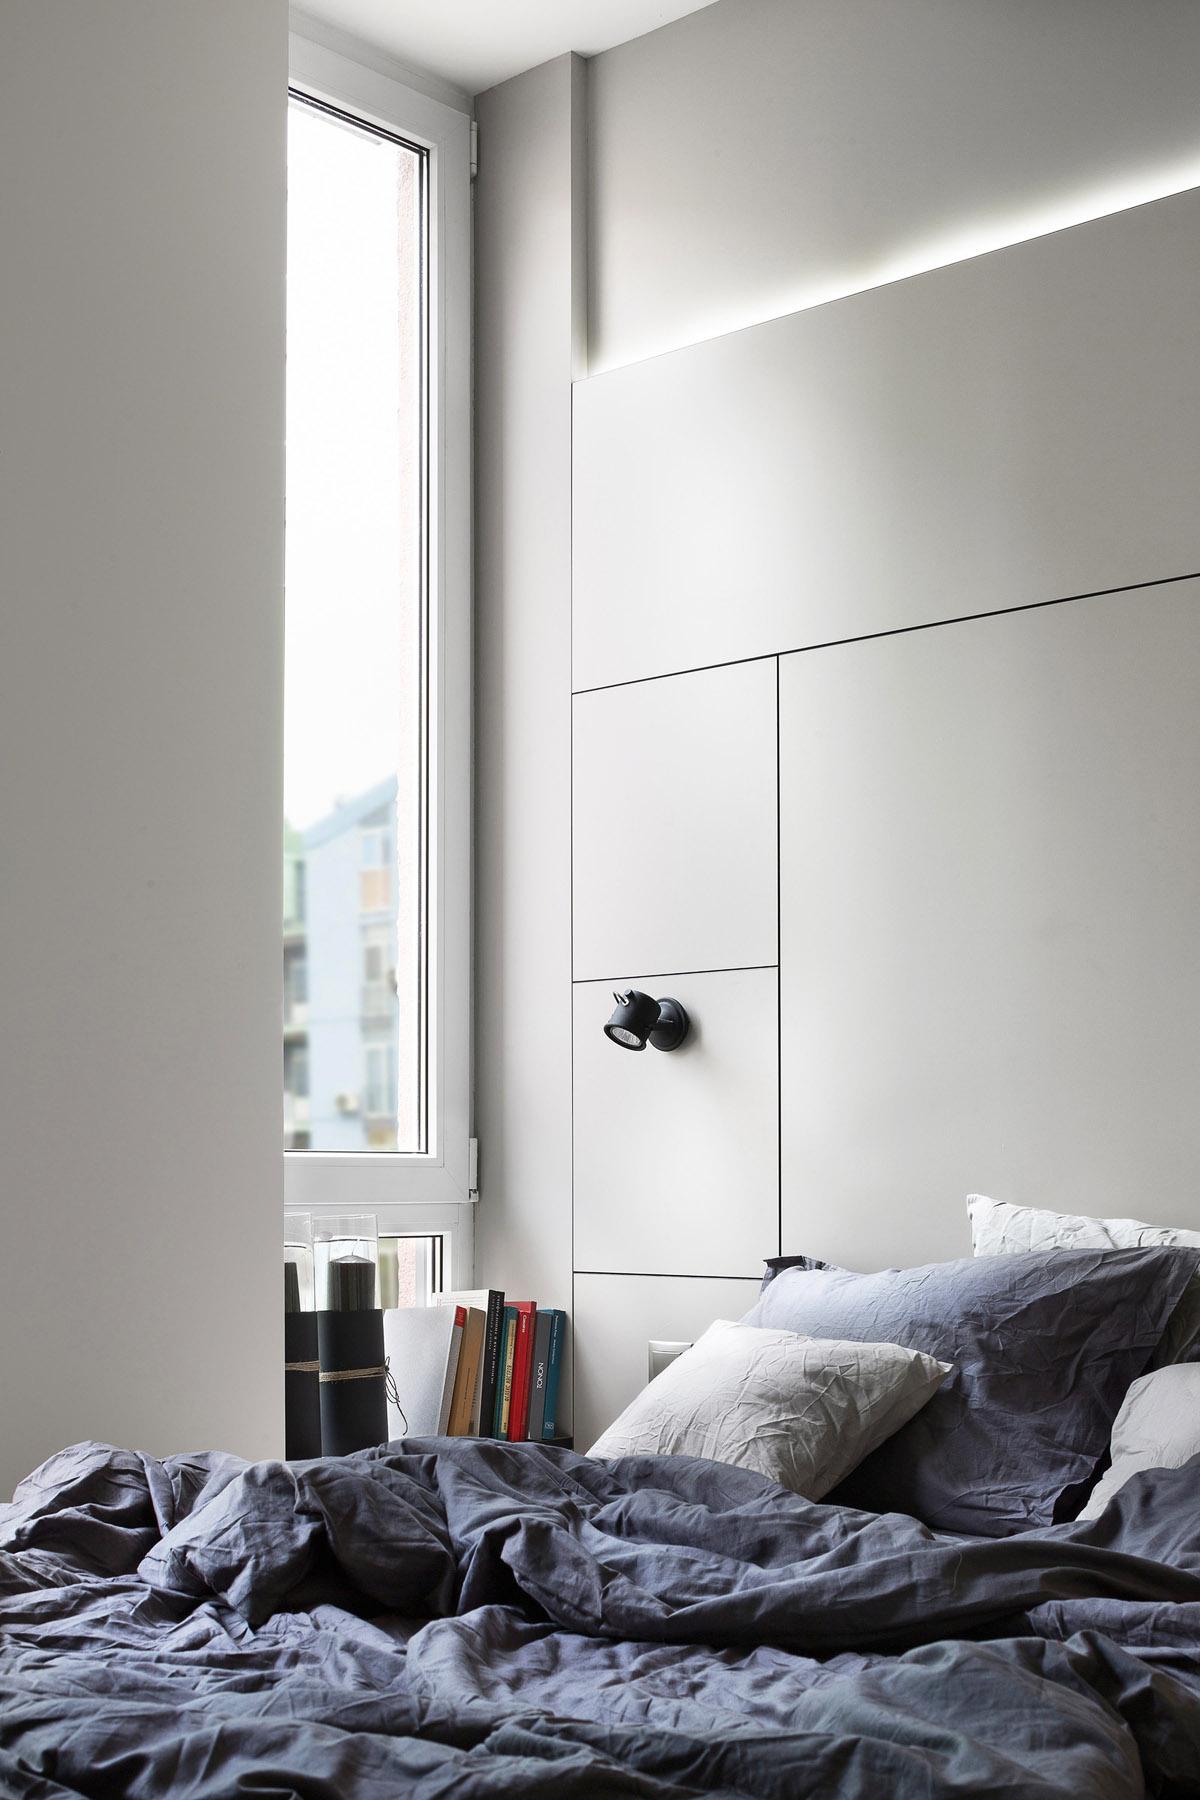 Спальня в маленькой комнате, дизайн интерьера, Киев, Украина, фото